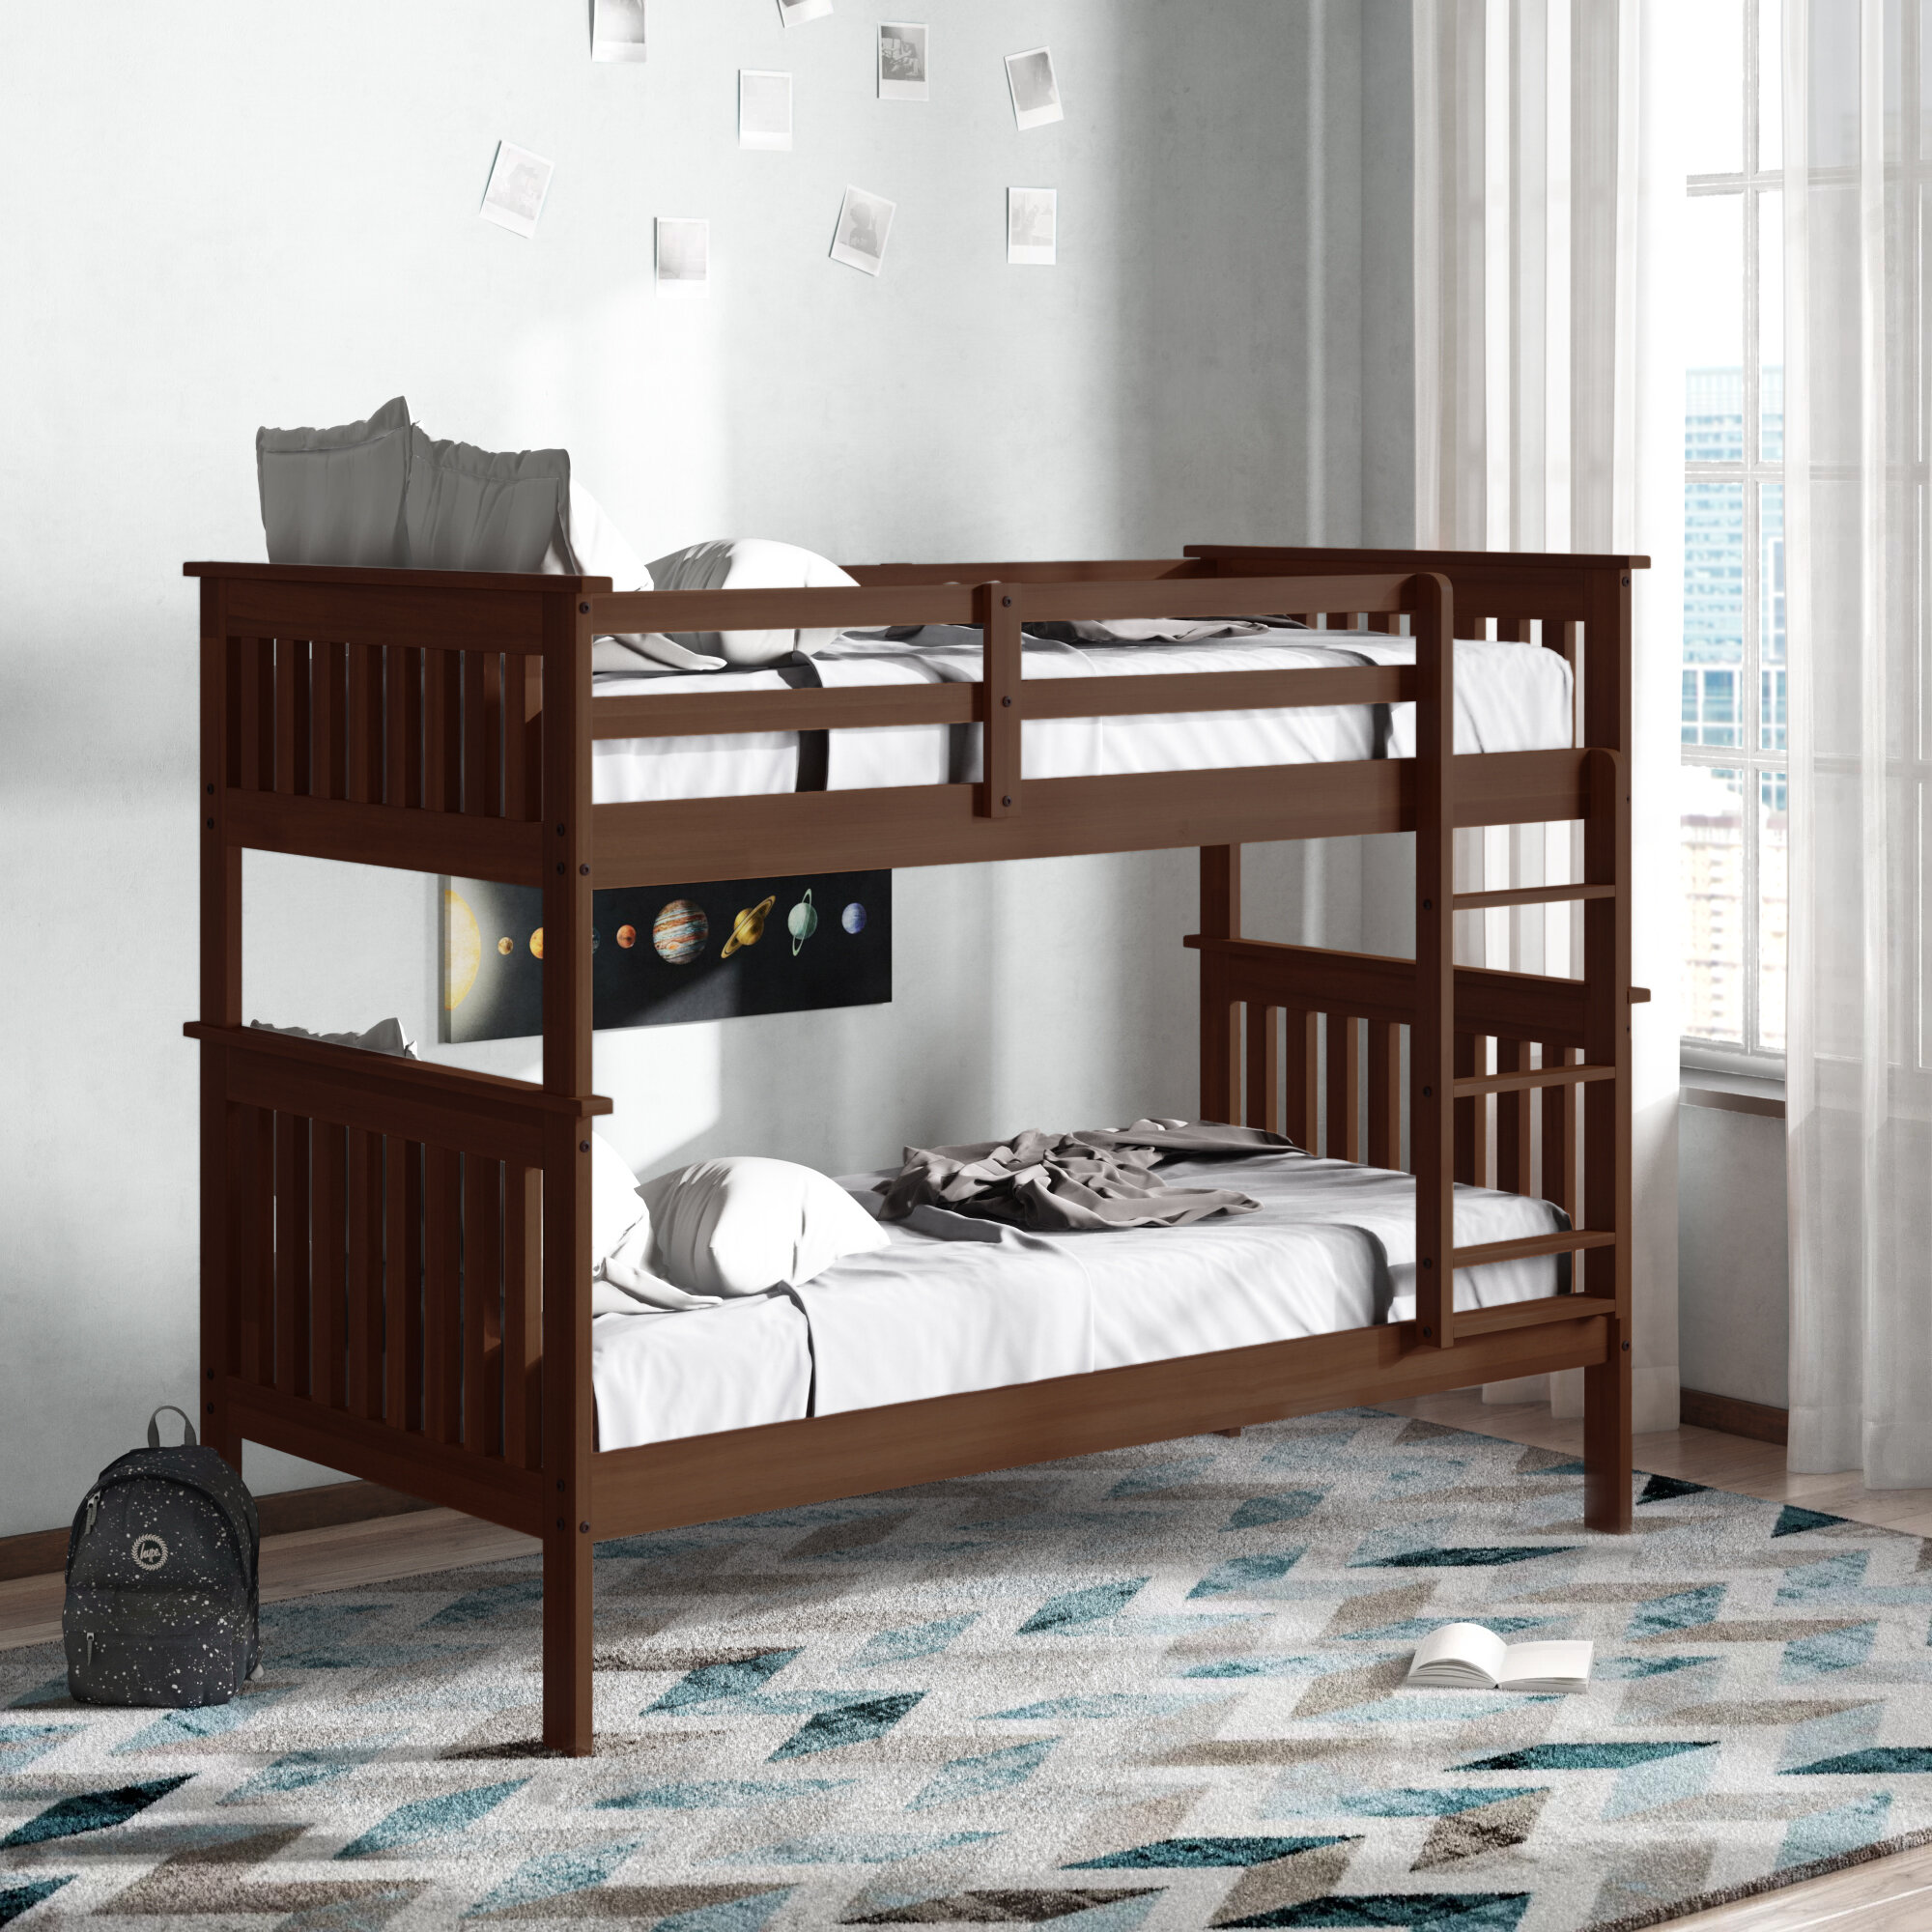 Harriet Bee Dubbo Twin Over Twin Solid Wood Standard Bunk Bed Reviews Wayfair Ca